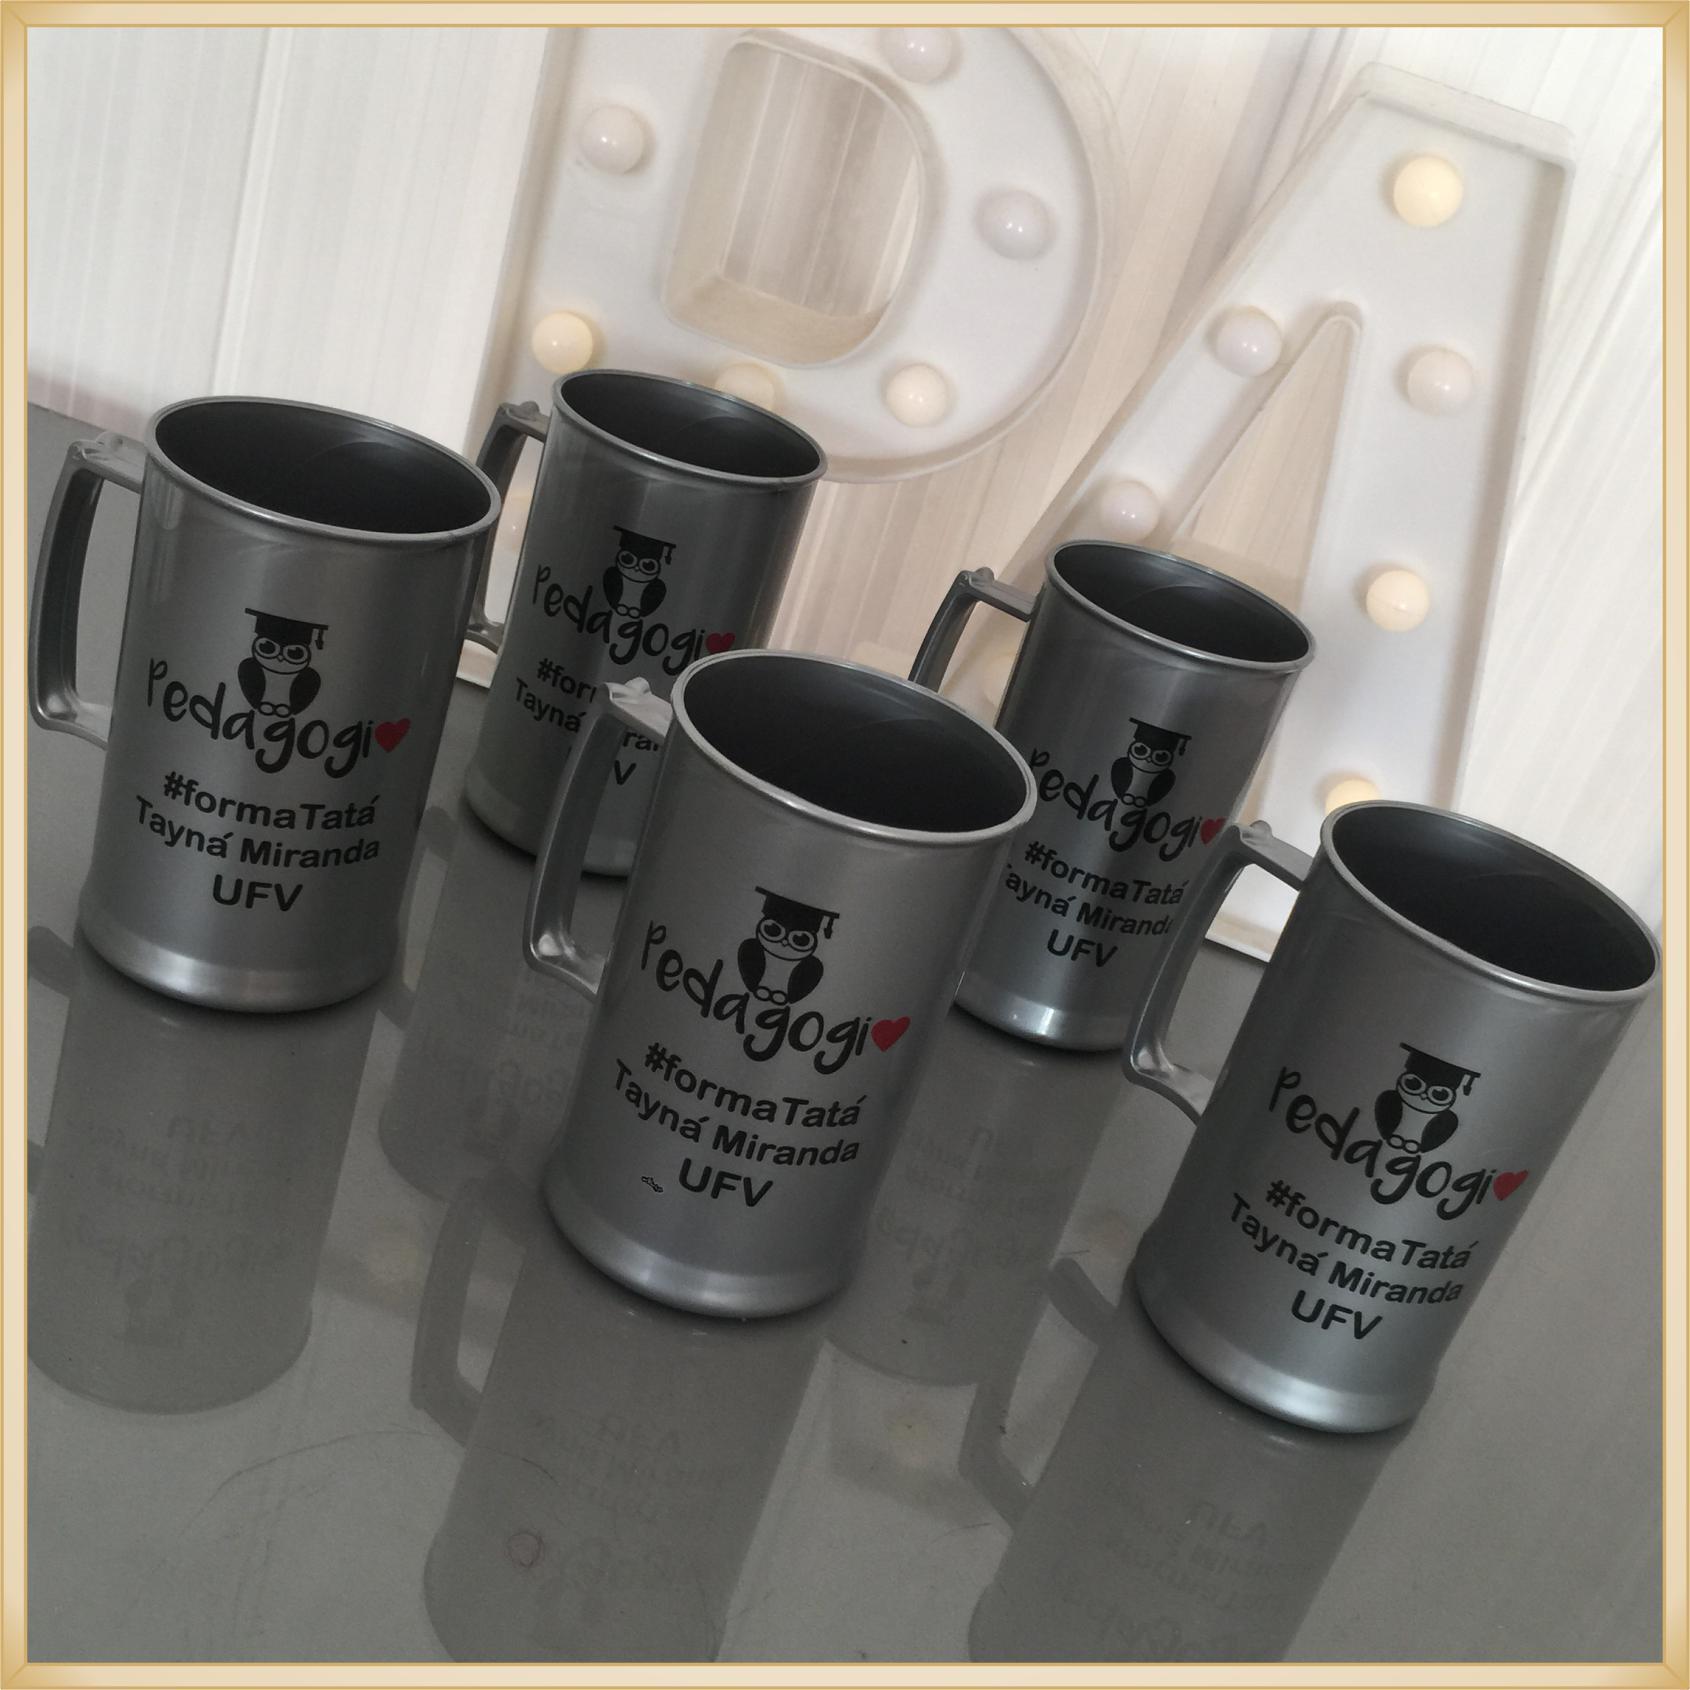 Canecas de acrílico personalizadas - alta qualidade, acabamento perfeito, parede de 2,5 mm, material atóxico, 300 ml - kit 100 unidades